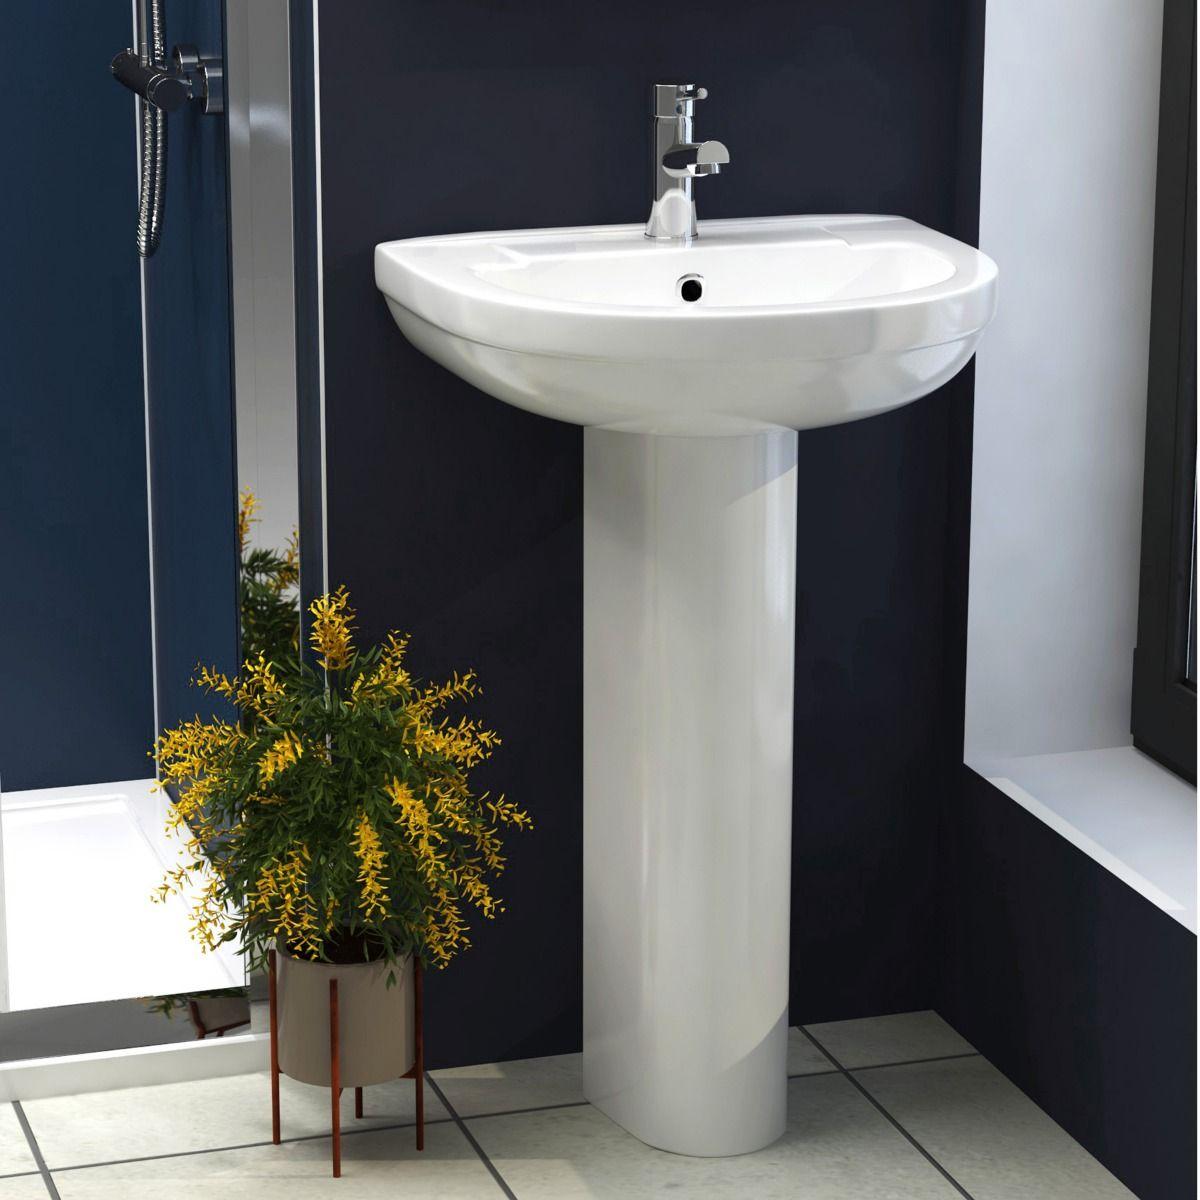 Full Pedestal Basins - Buying Guide!